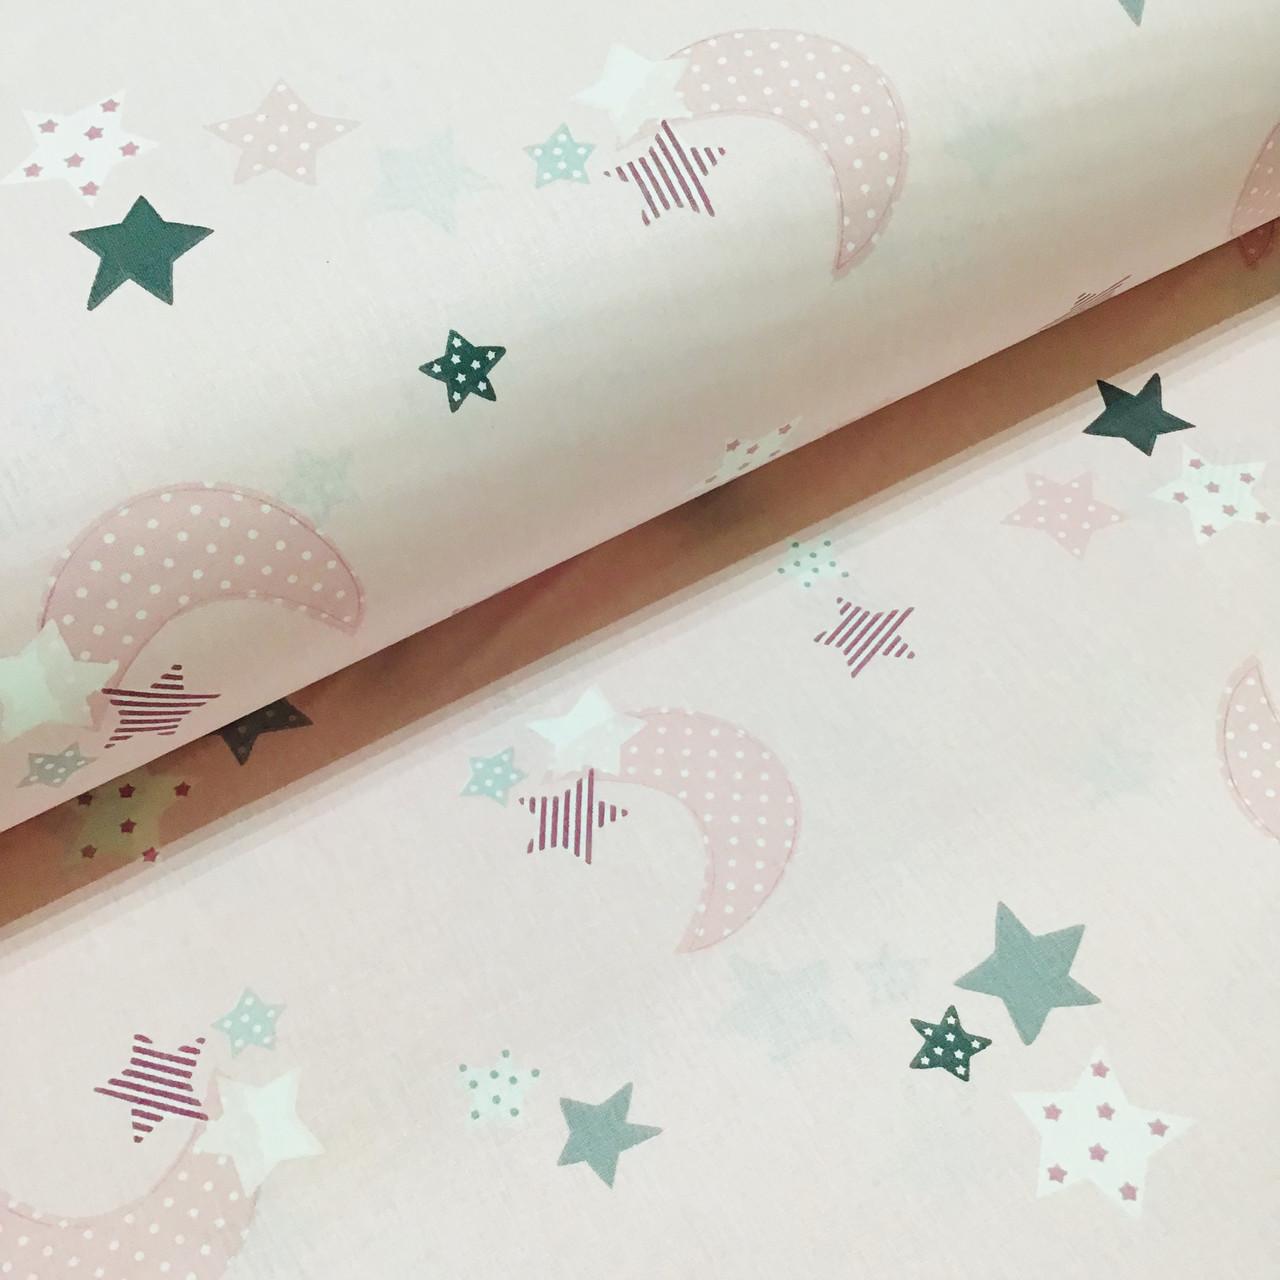 Ткань поплин розовые месяцы со звездами на розовом  (ТУРЦИЯ шир. 2,4 м) №34-97